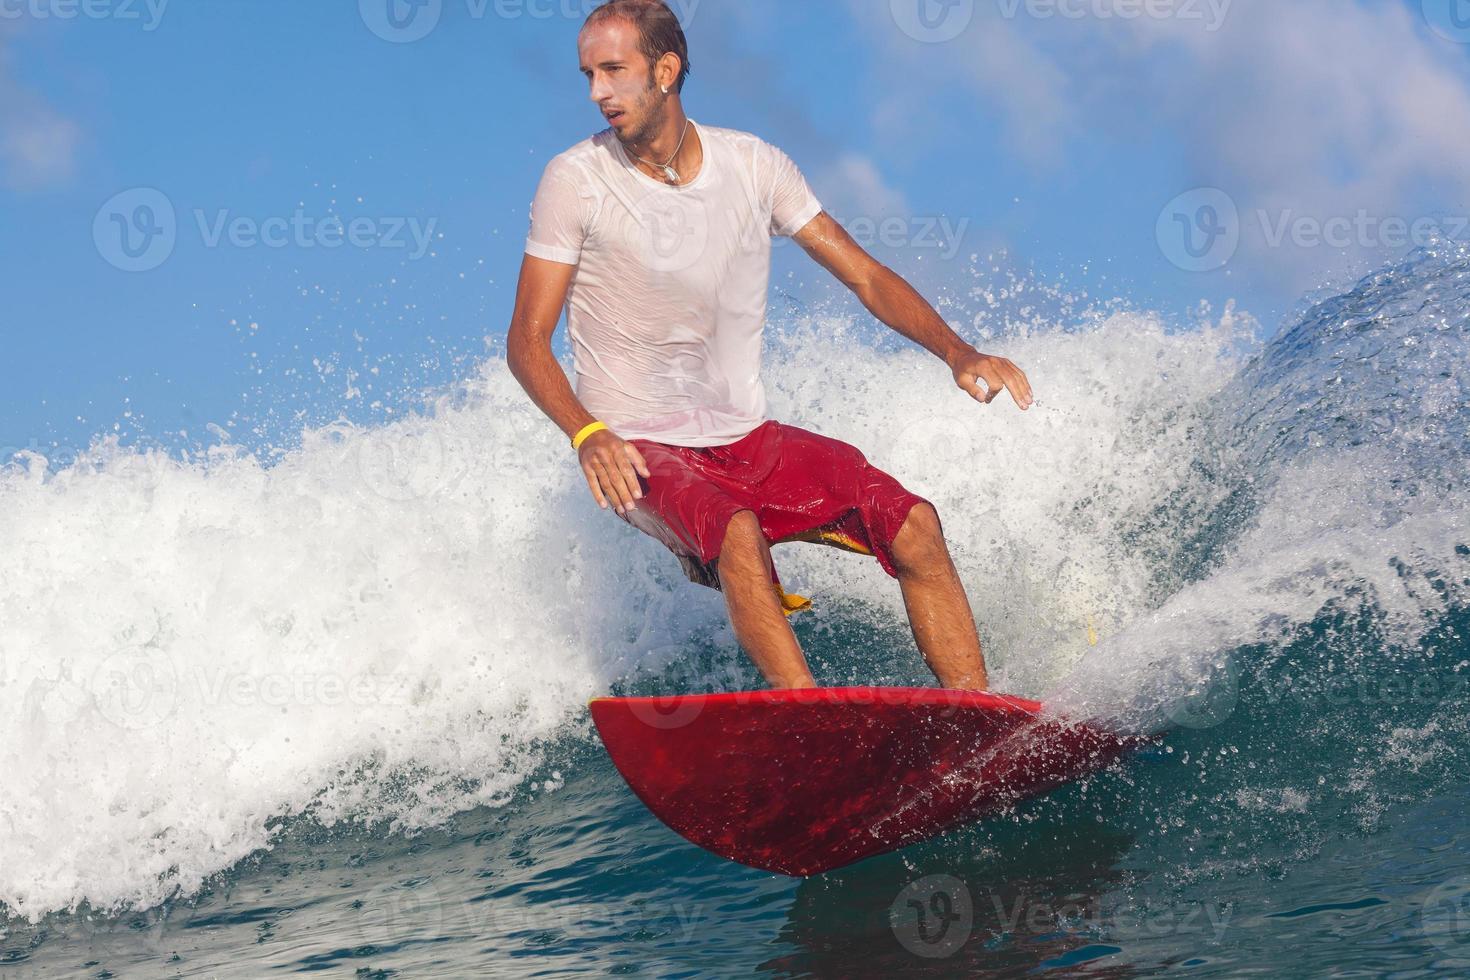 surfar en våg. bali ö. indonesien. foto